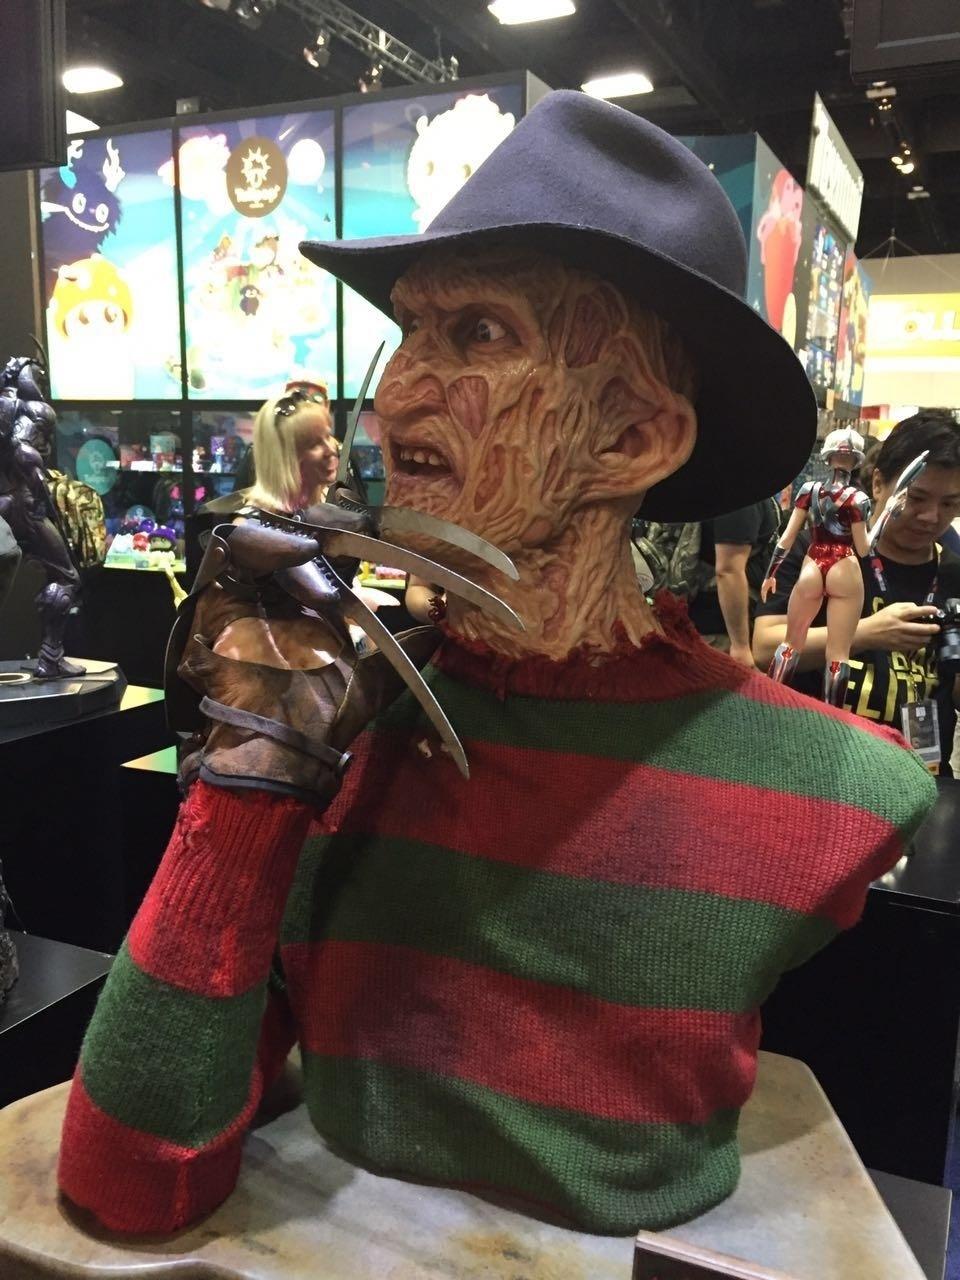 Boneco de Freddy Krueger é exibido na San Diego Comic-Con 2016